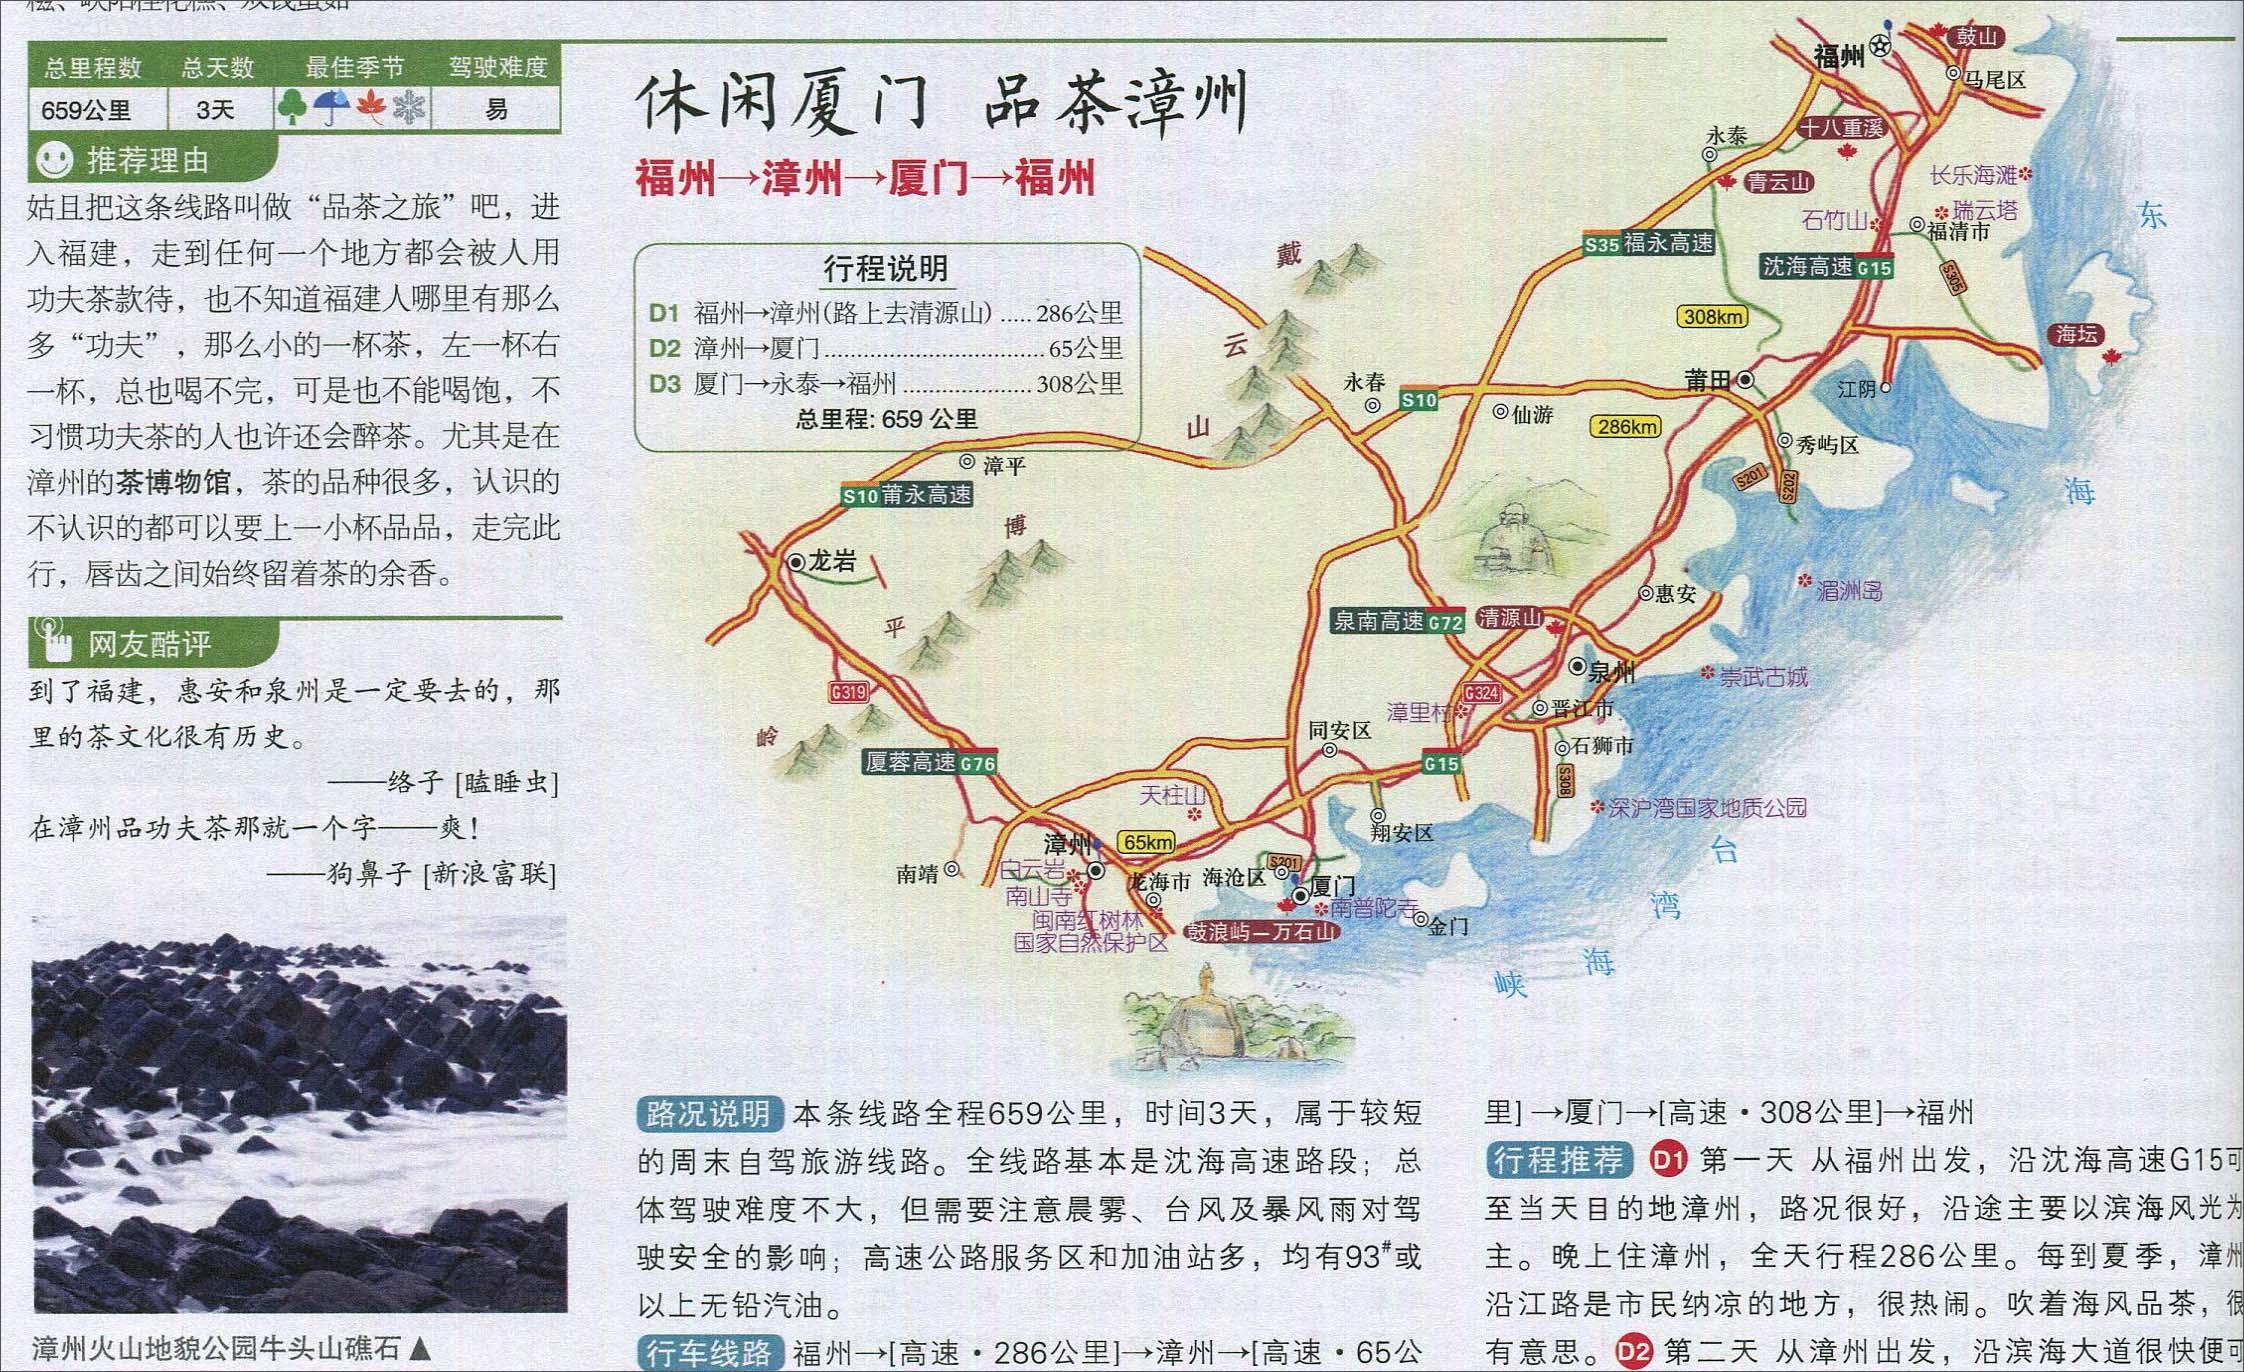 福州至漳州自驾游路线图_福建景点地图库